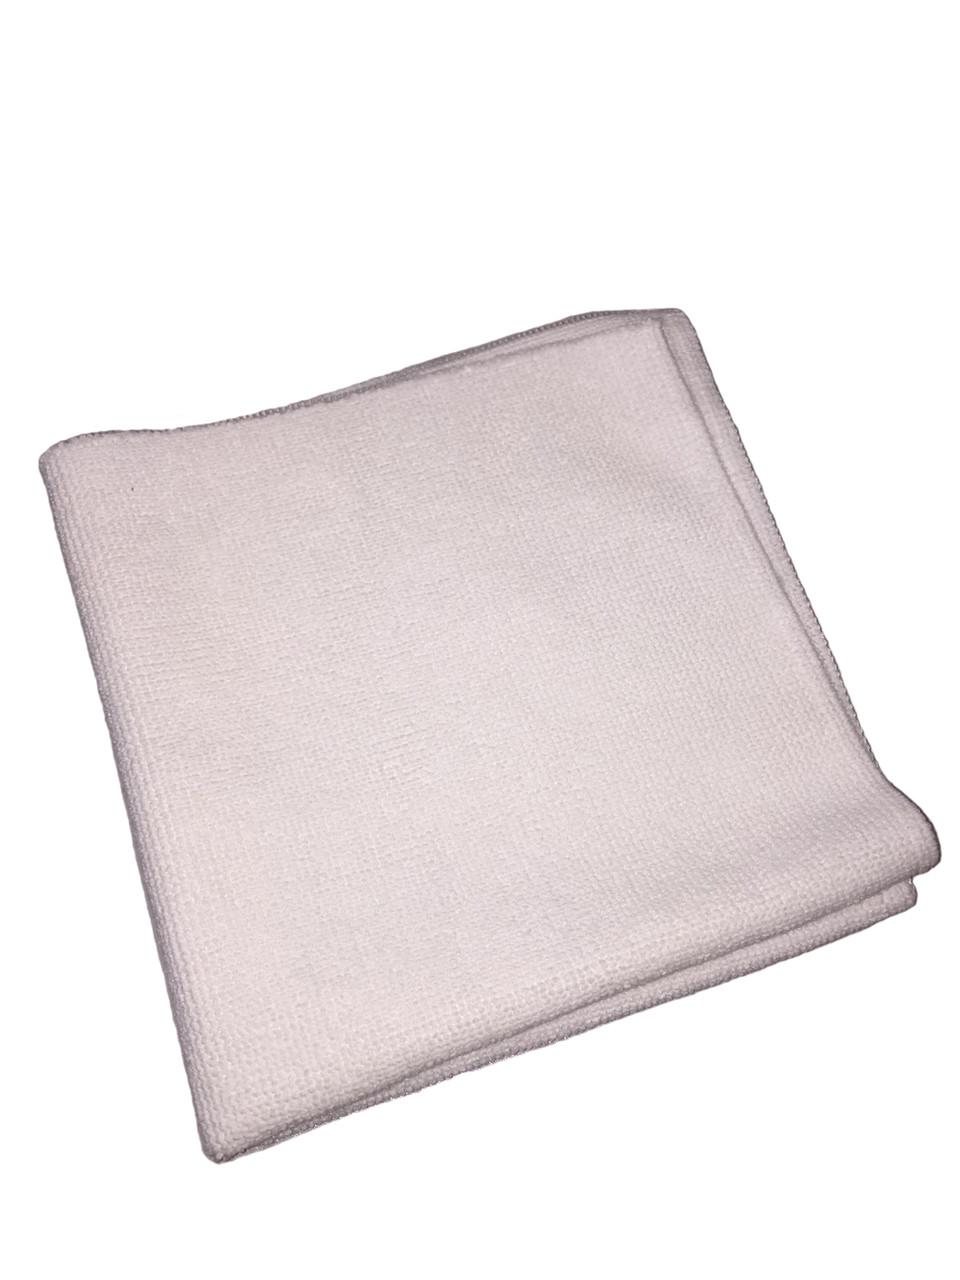 Рушник микрофибровое біле - Meguiar's Ultimate Wipe Detailing Cloth 40х40 див. (E101)